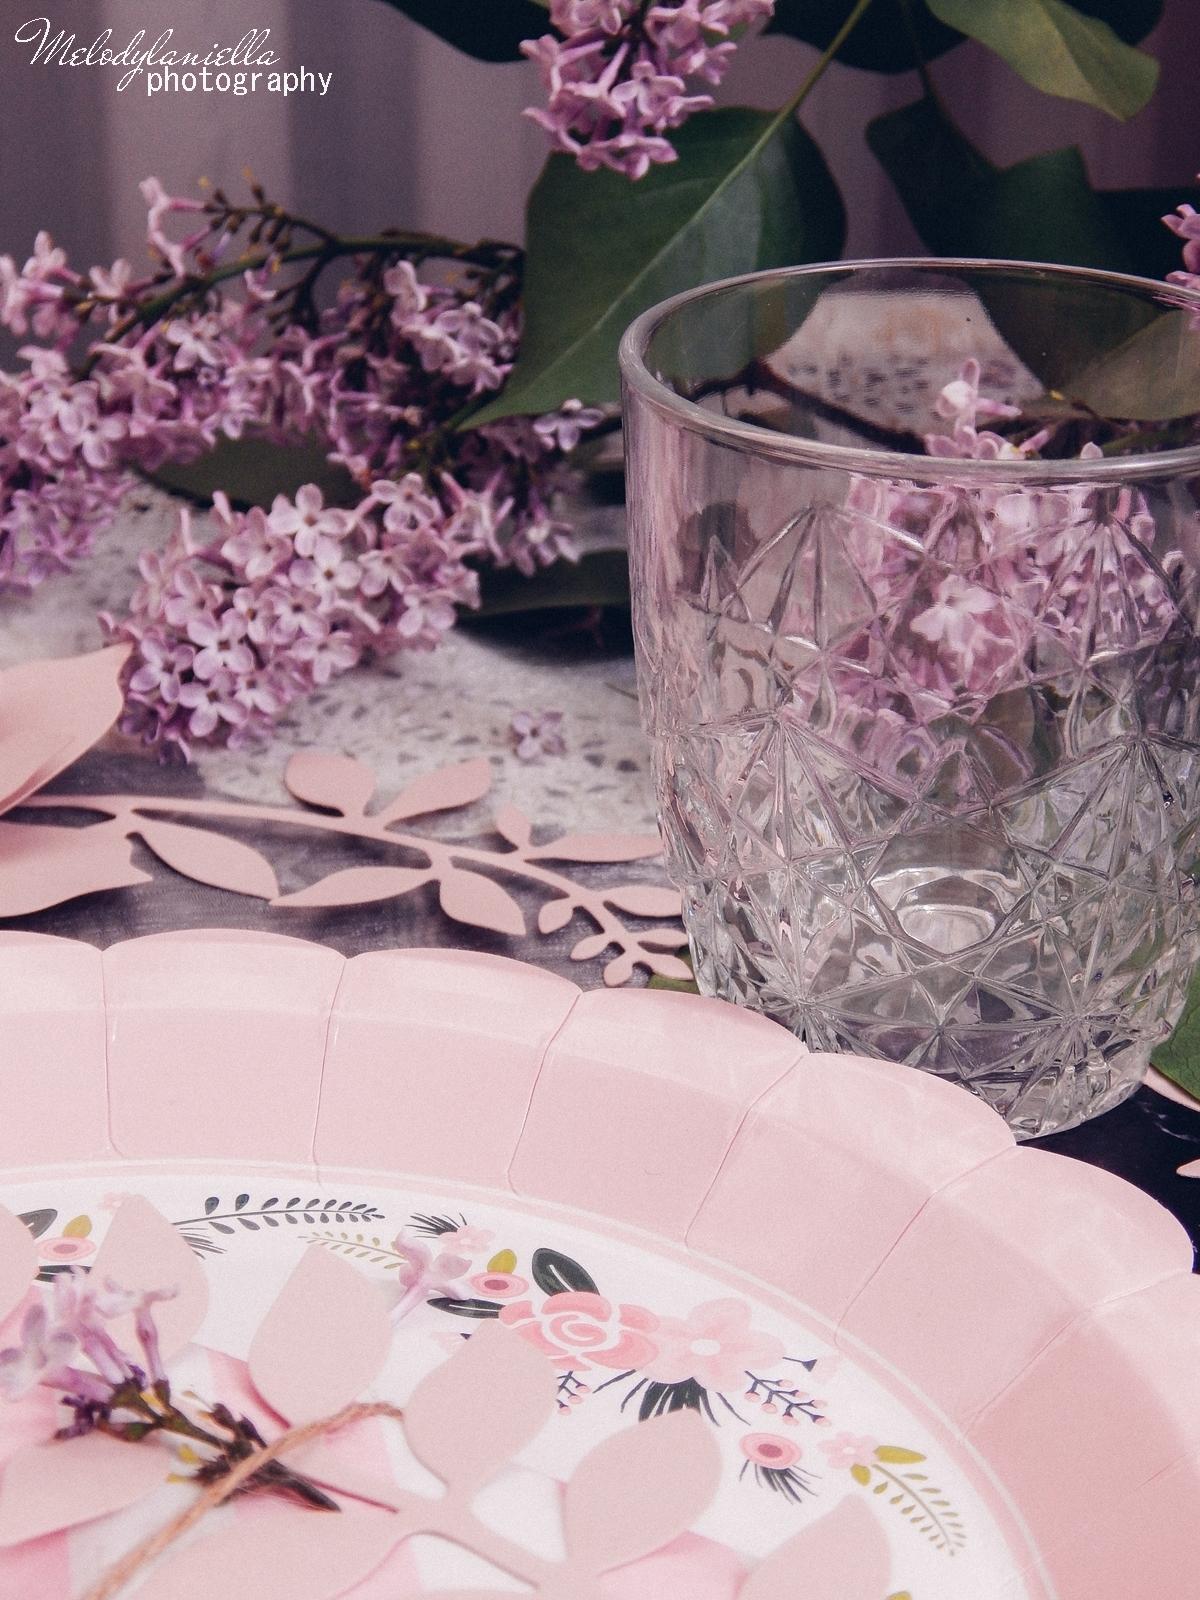 8 partybox.pl imprezu urodziny stroje dodatki na imprezę dekoracje nakrycia akcesoria imprezowe jak udekorować stół na dzień mamy pomysły na dzień matki szklanki sztućce talerze zastawa